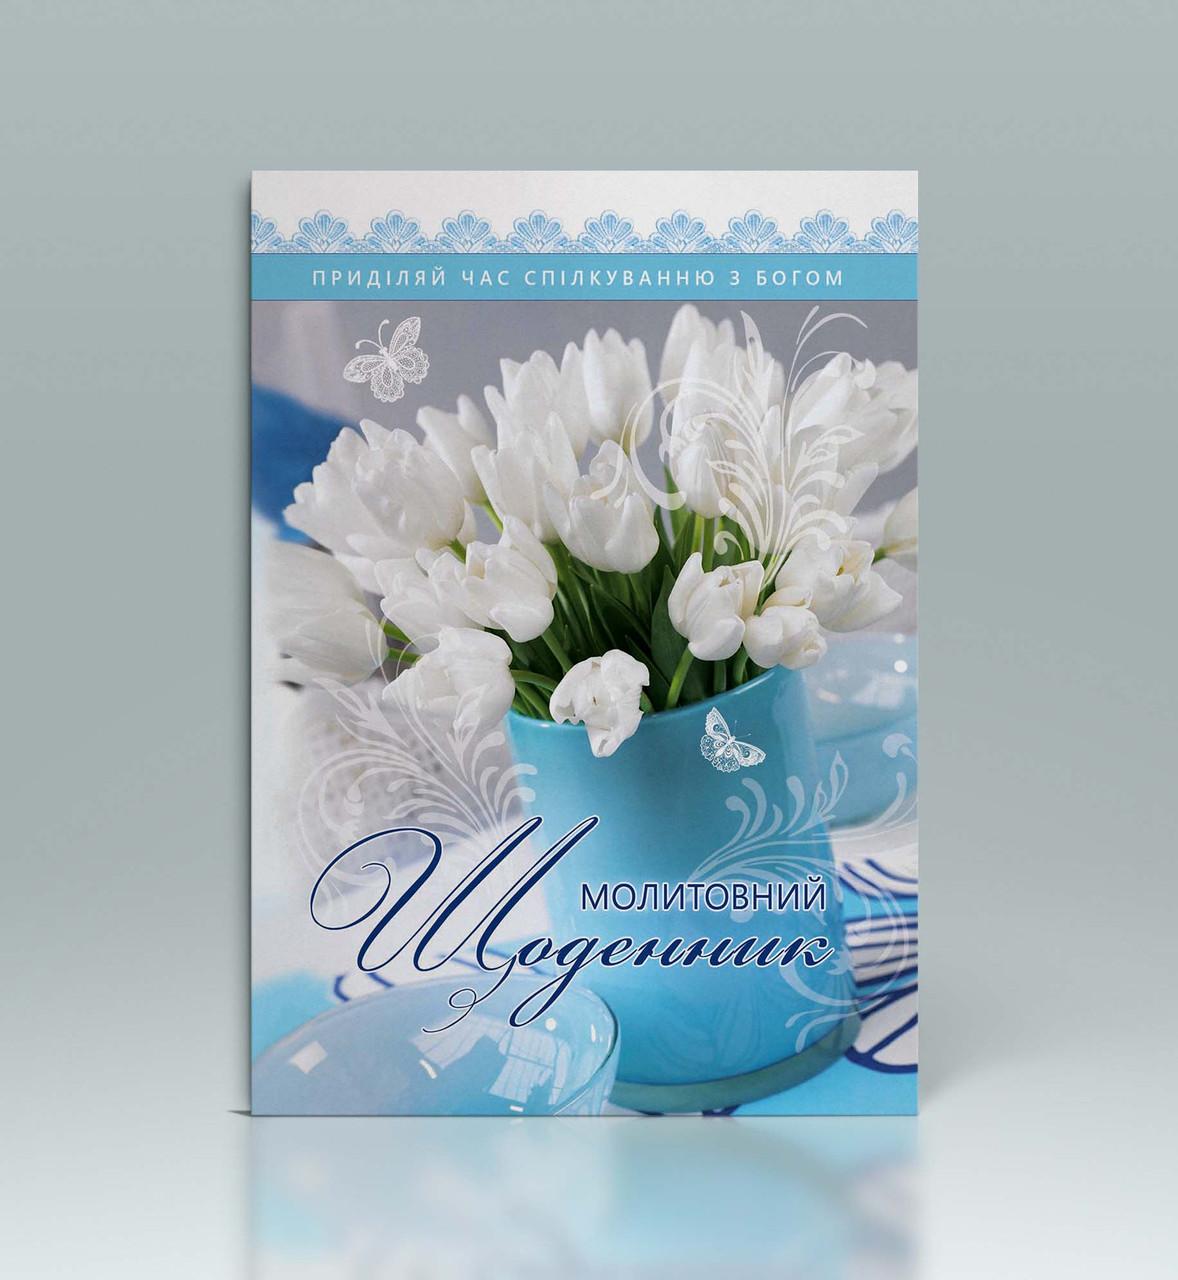 Молитовний щоденник